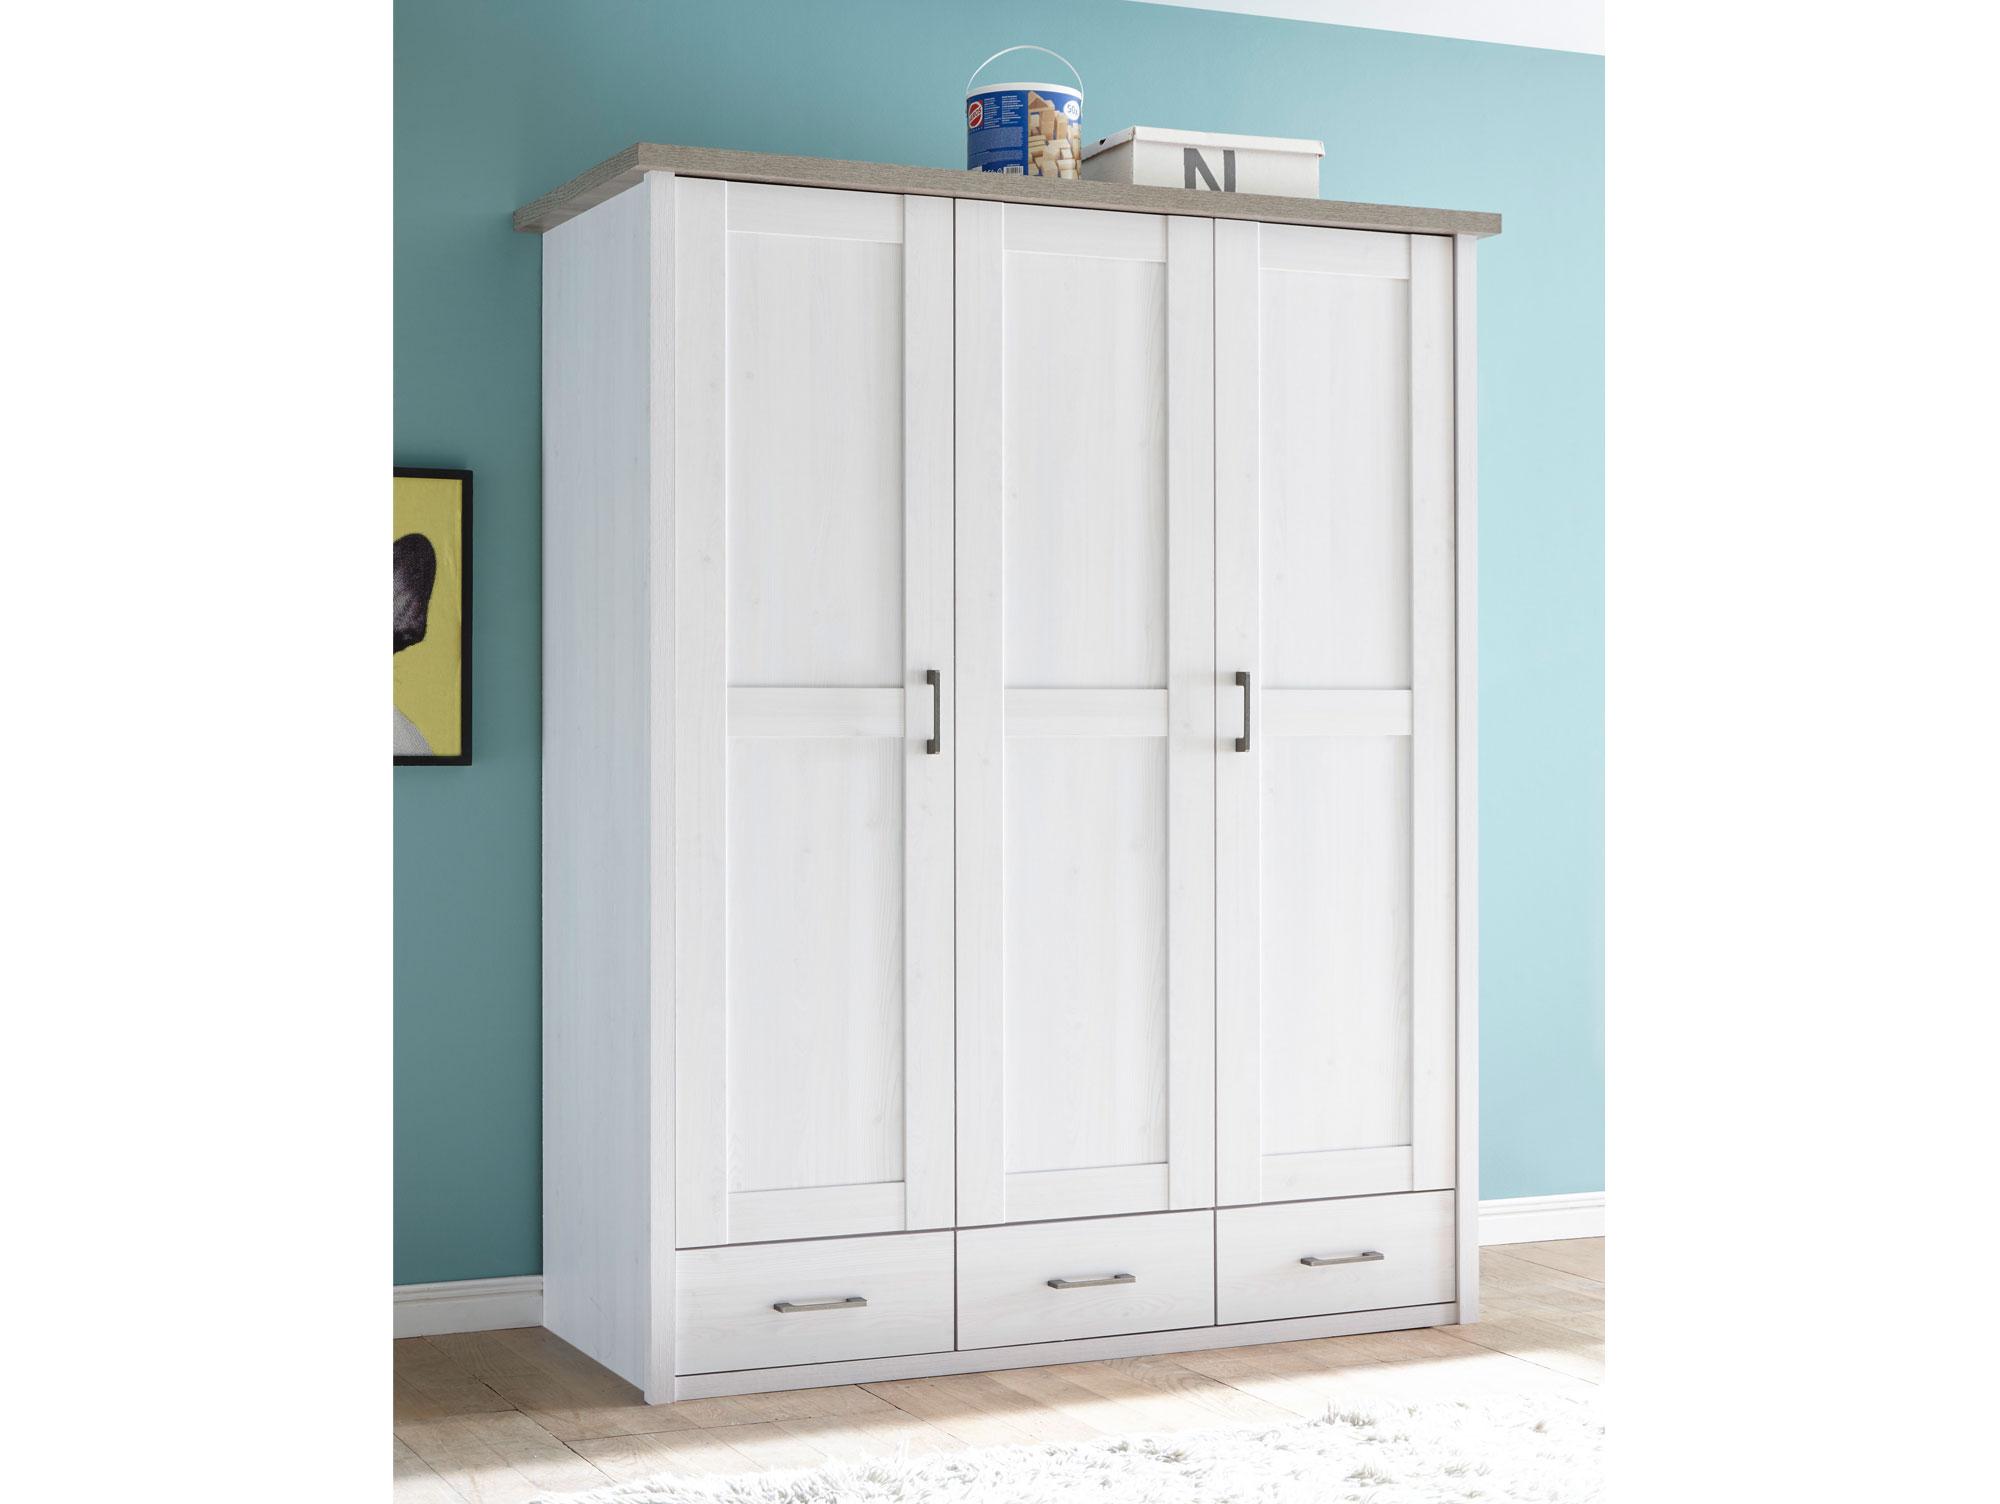 kleiderschrank lucy 3trg pinie wei tr ffel. Black Bedroom Furniture Sets. Home Design Ideas